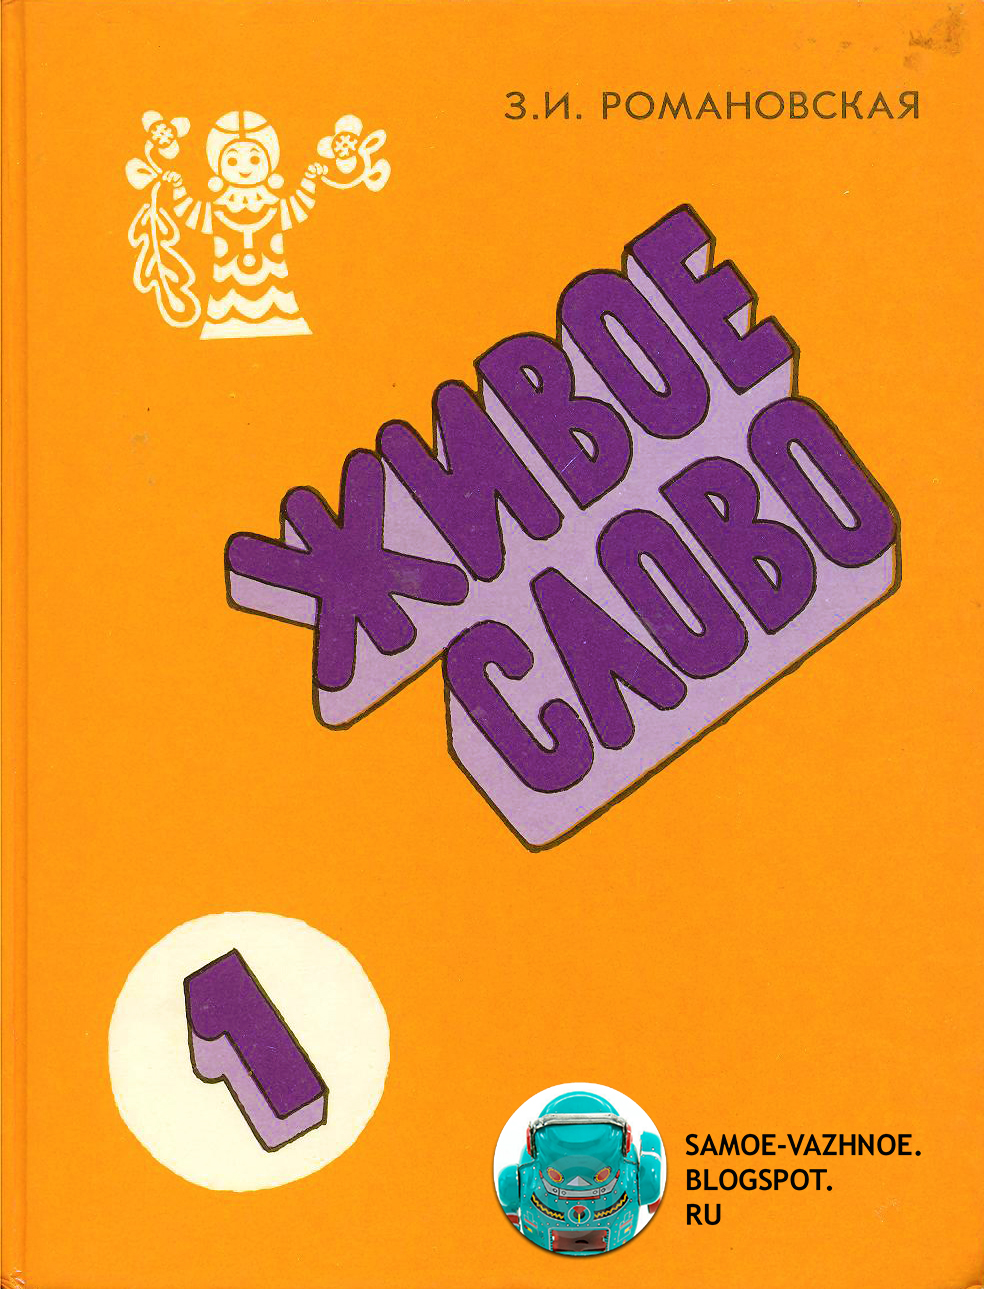 Жёлтый учебник чтение старый. Романовская Живое слово обложка